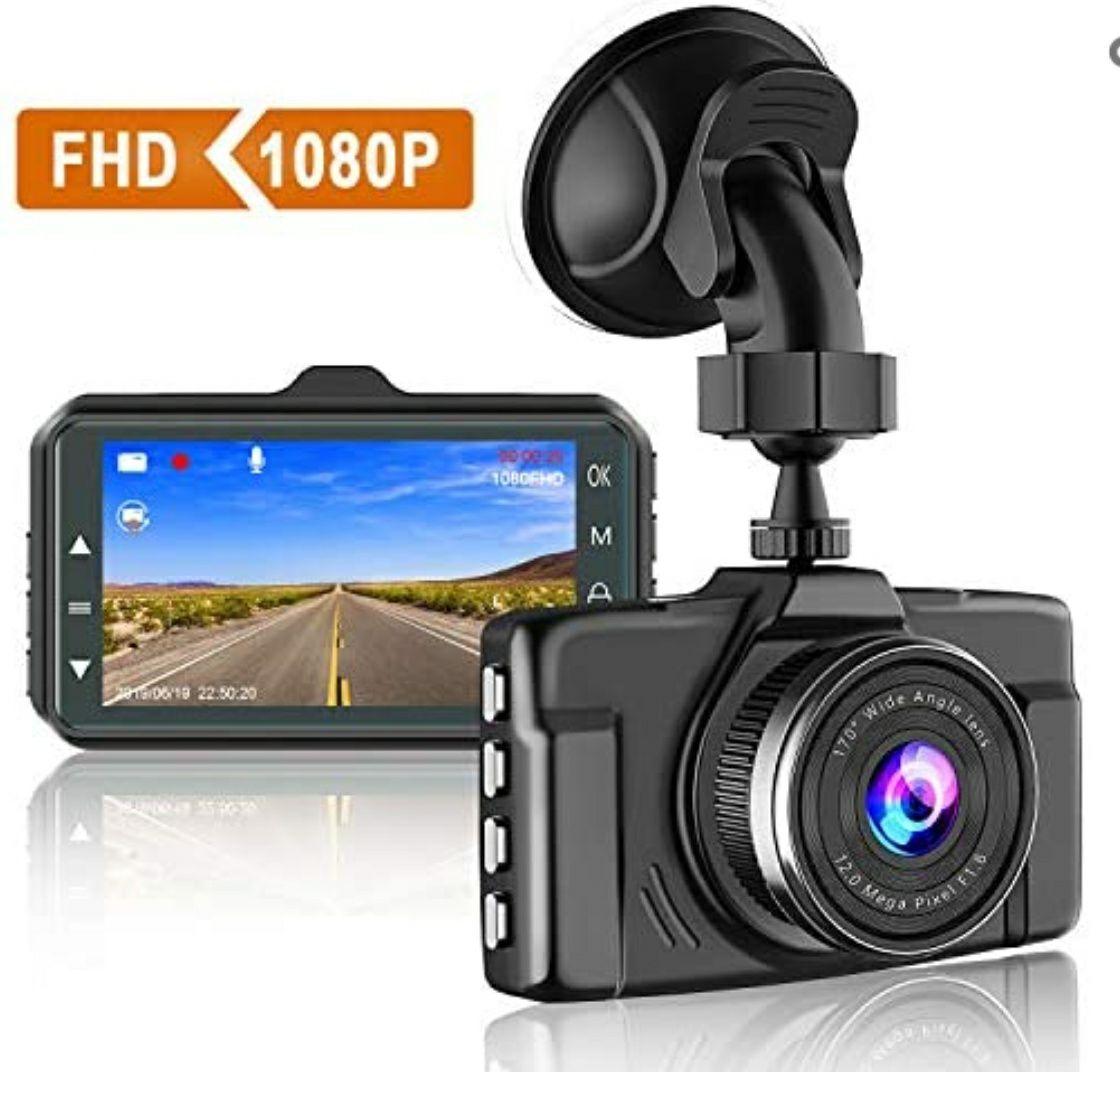 [Prime] Caméra embarquée Chortau - Full HD, 170° (Vendeur Tiers)